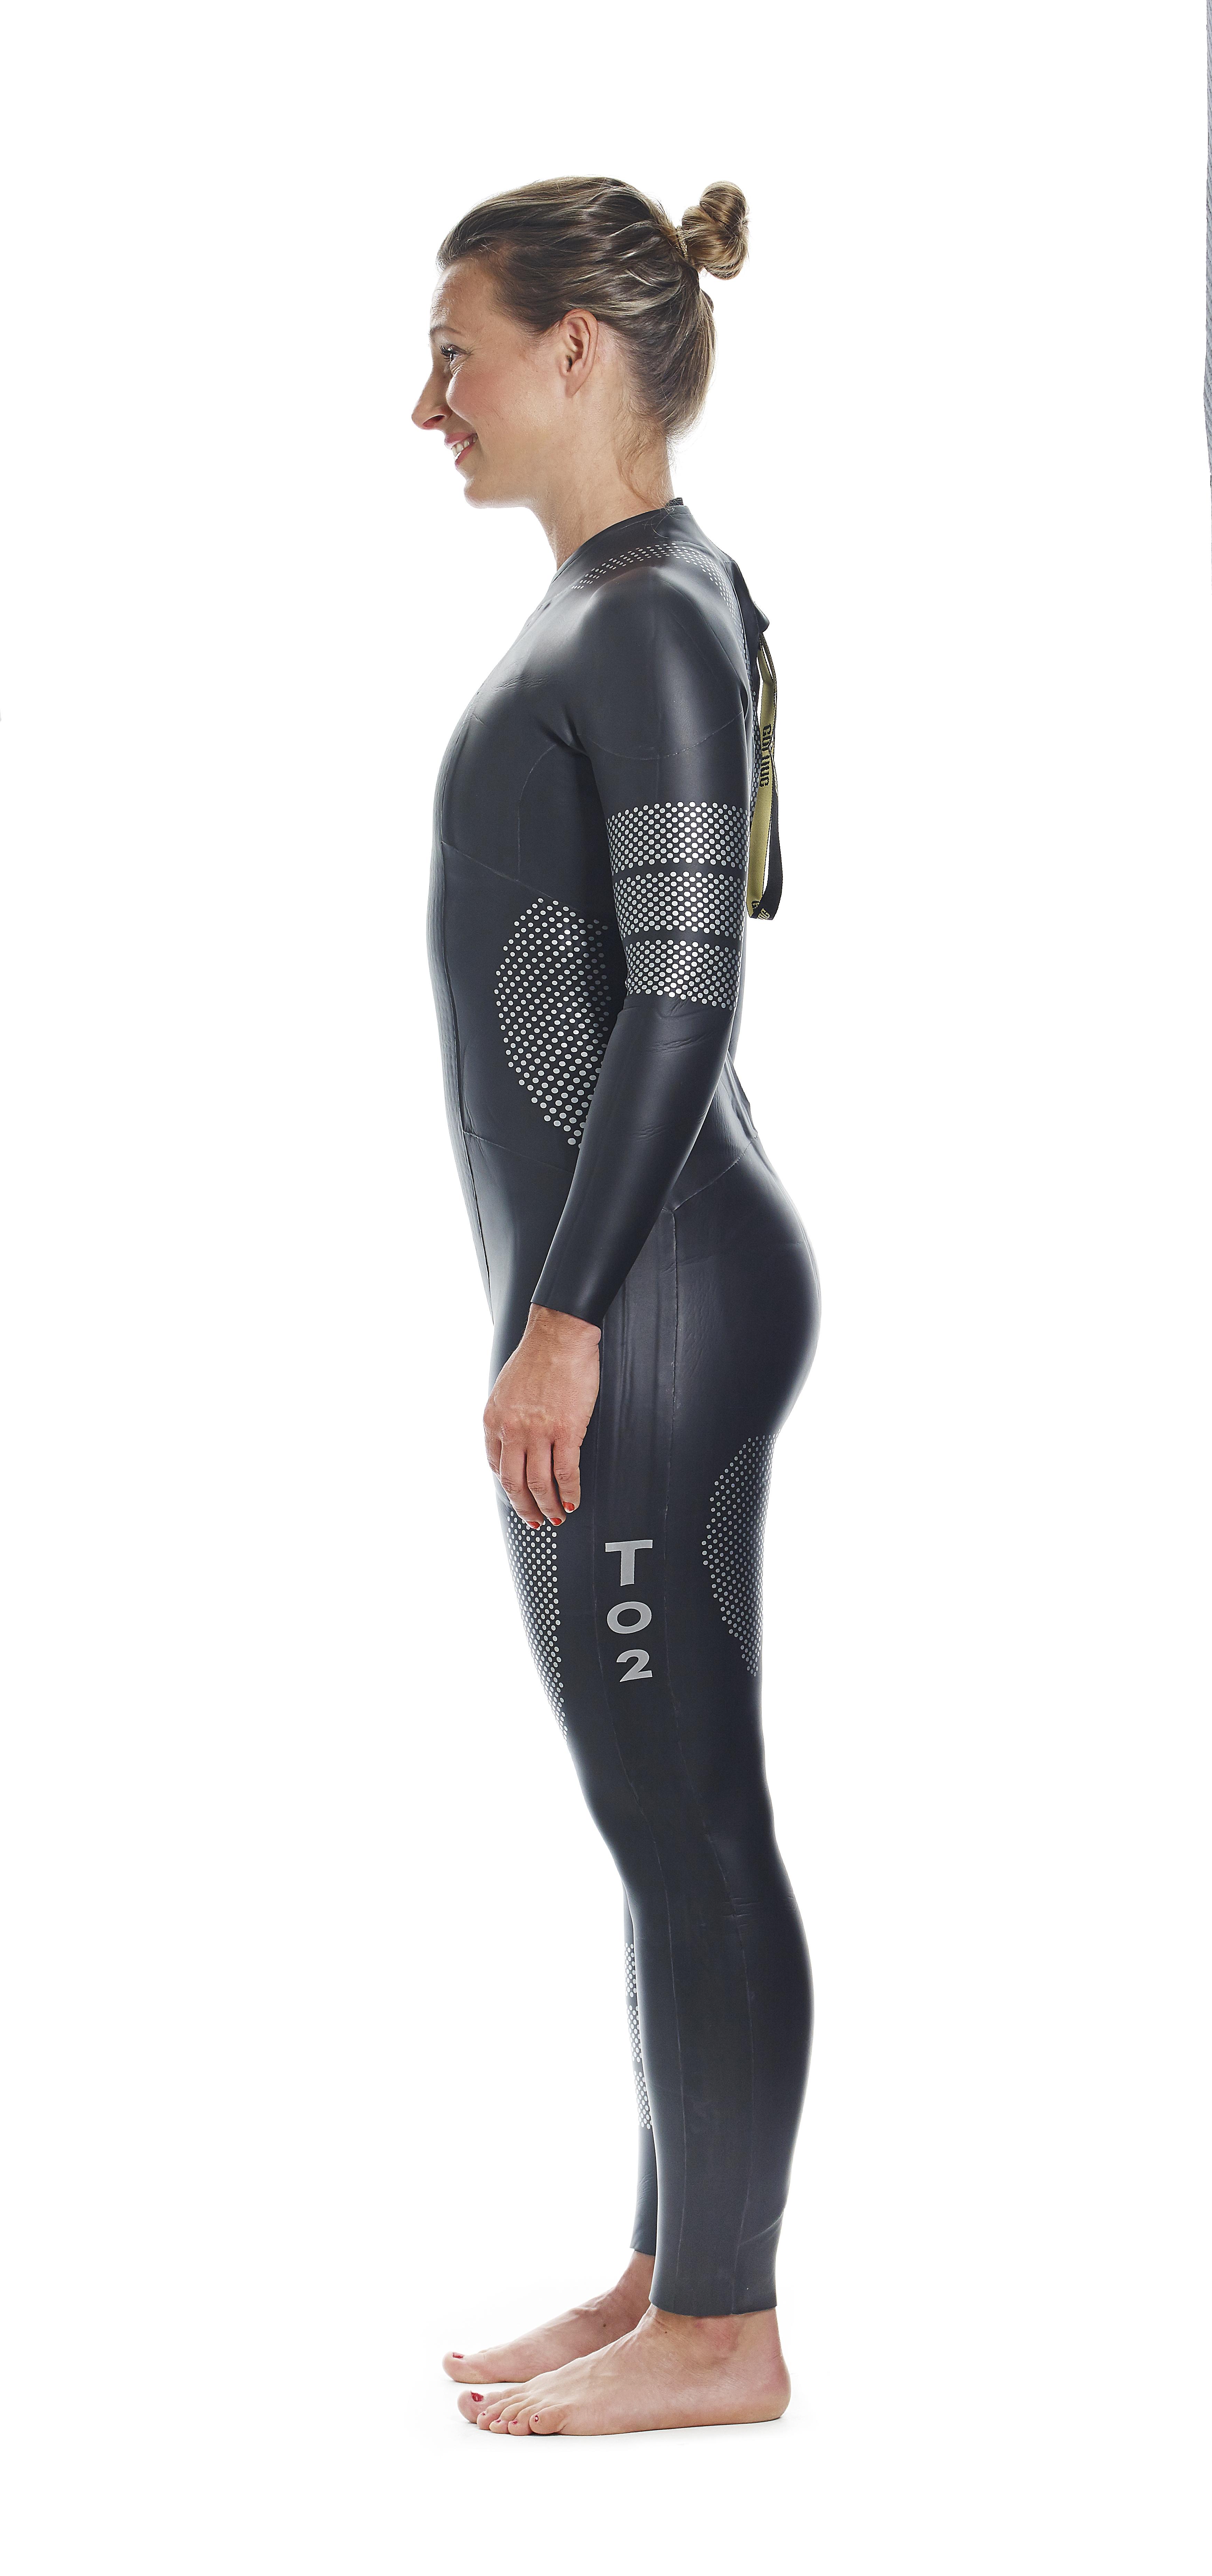 Wolff-Wear - Colting Triathlon T02 Dam b4a1e9f54179b